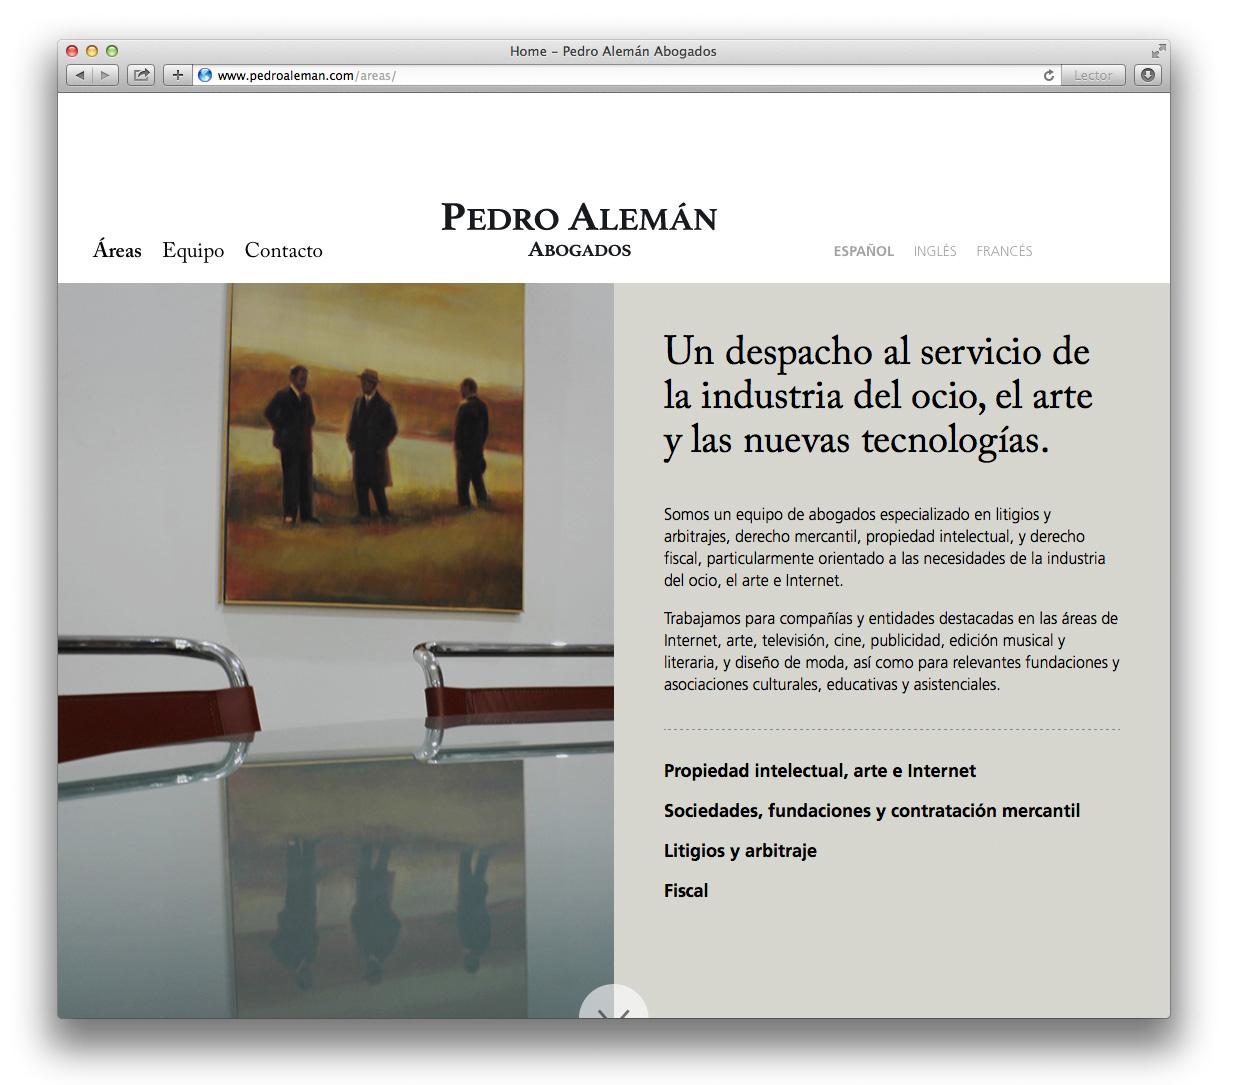 Pedro Alemán Abogados